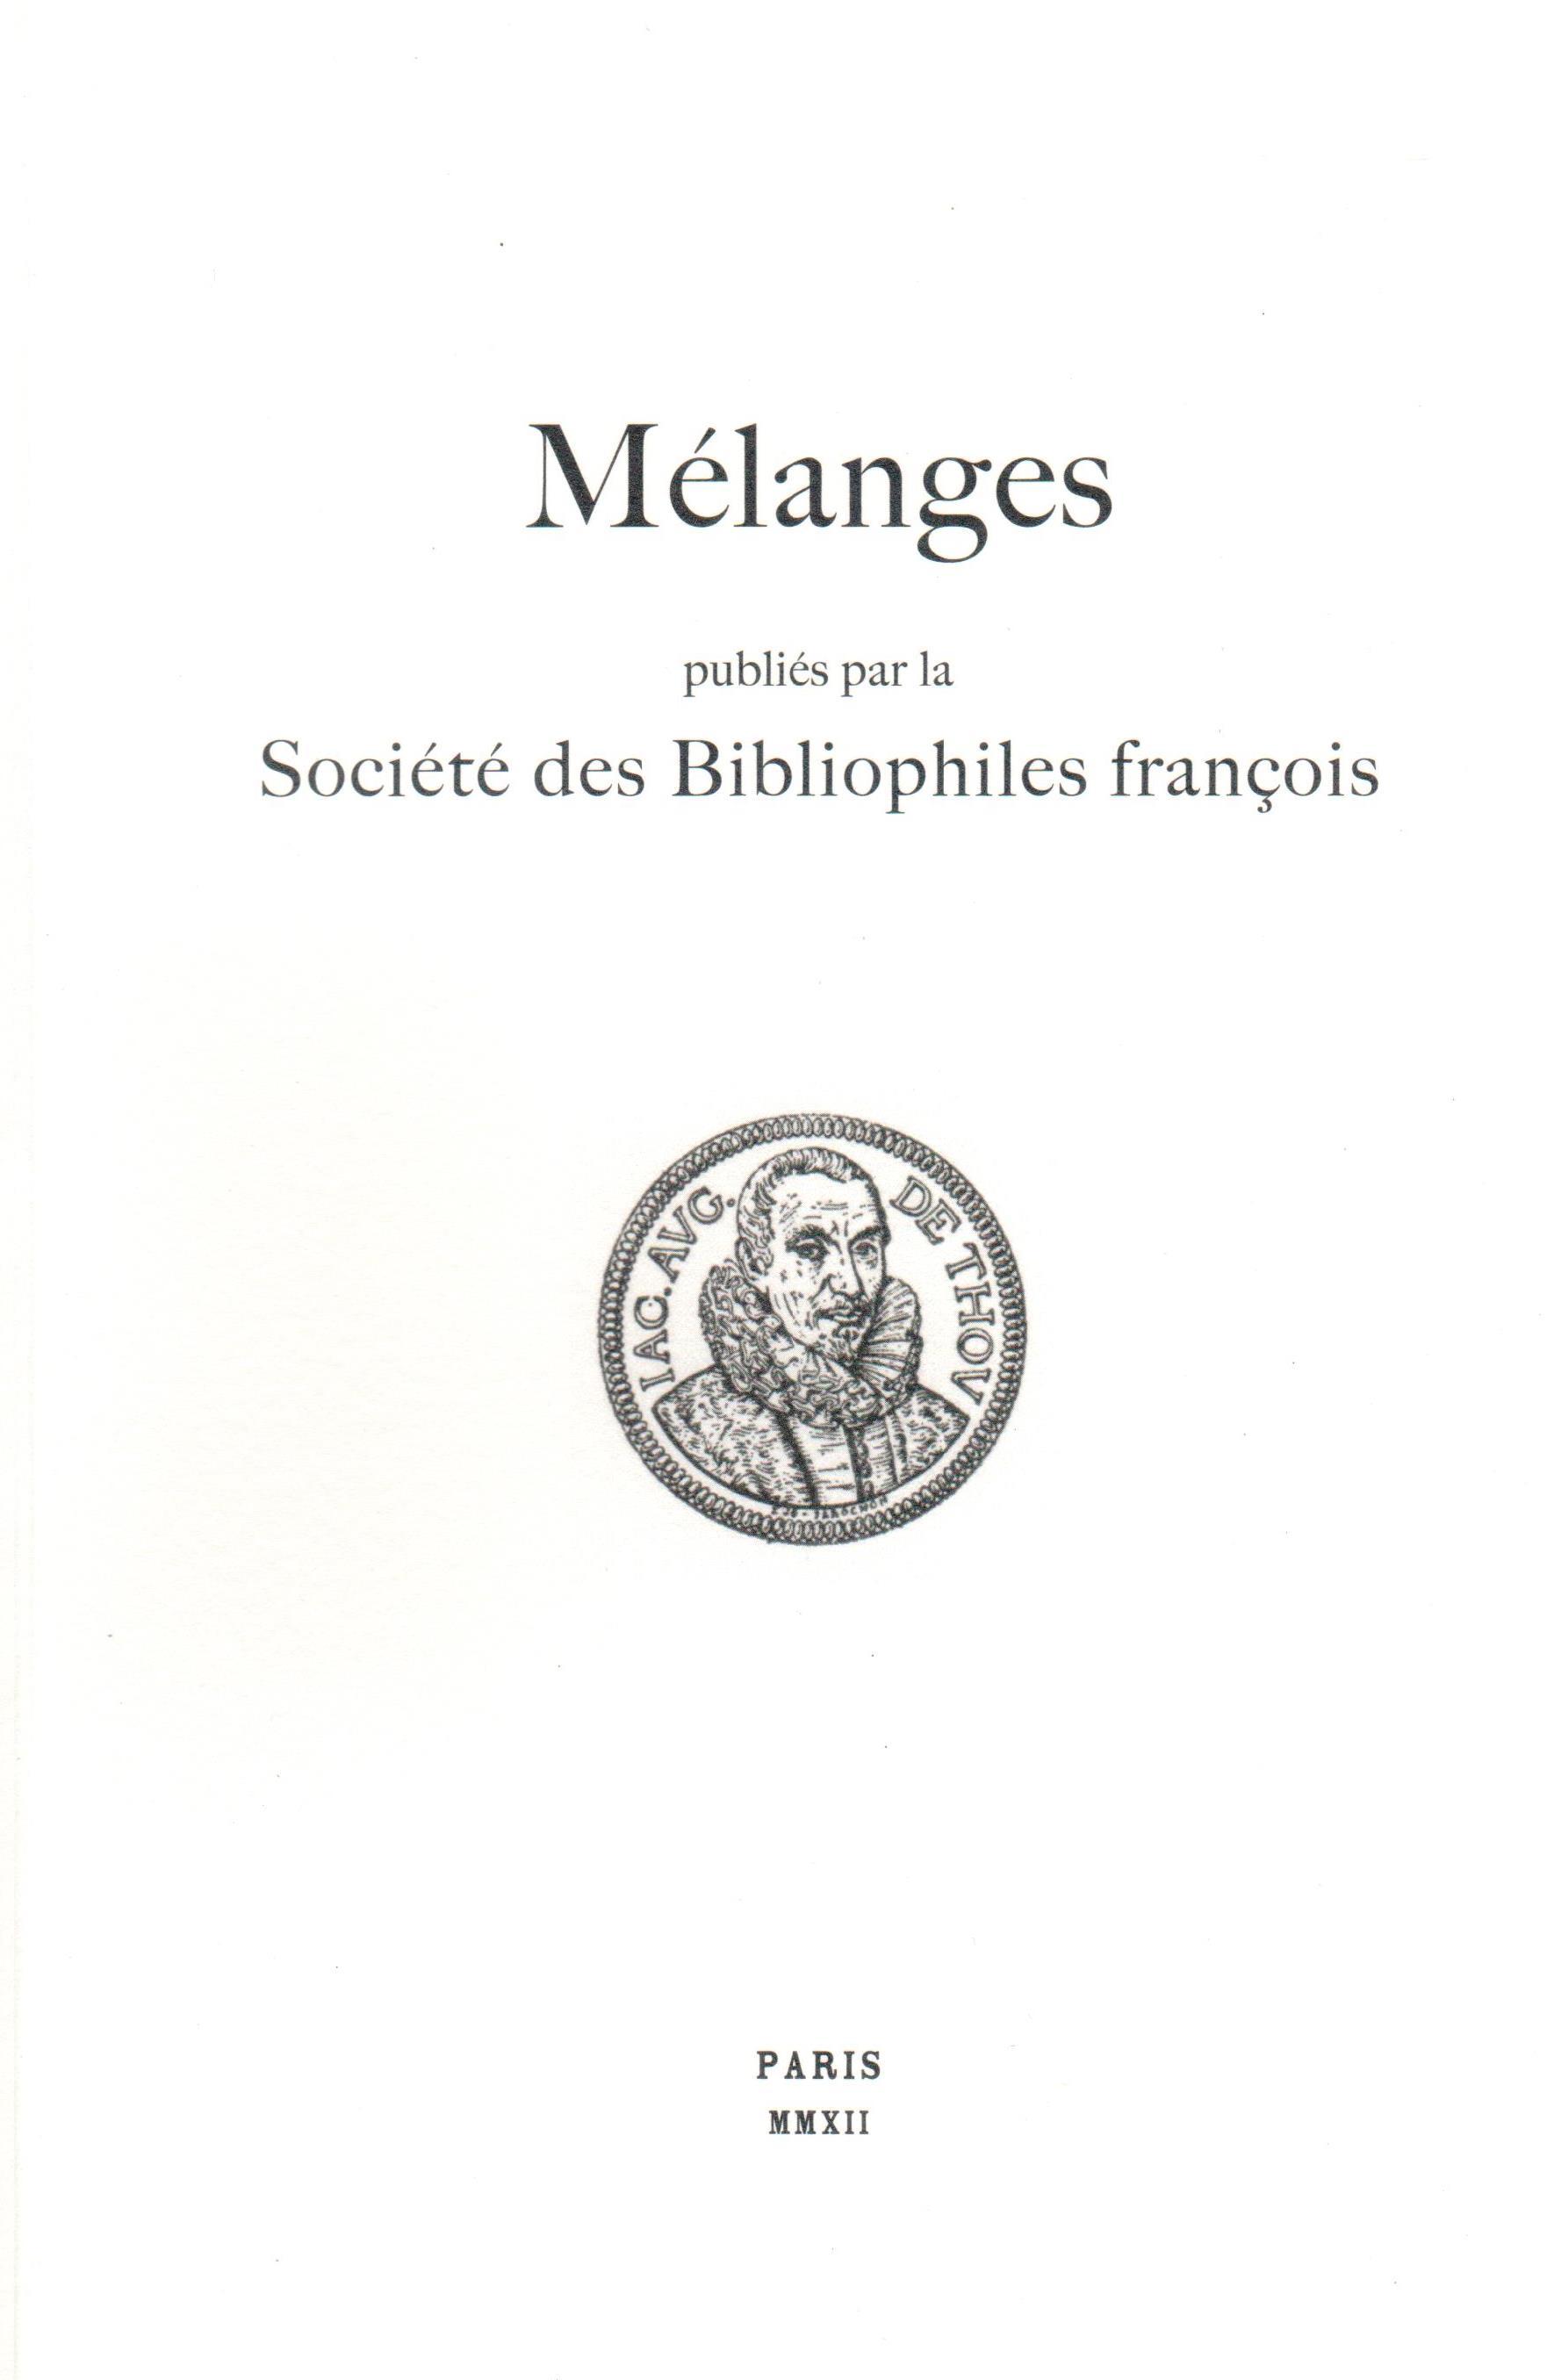 Société des Bibliophiles François